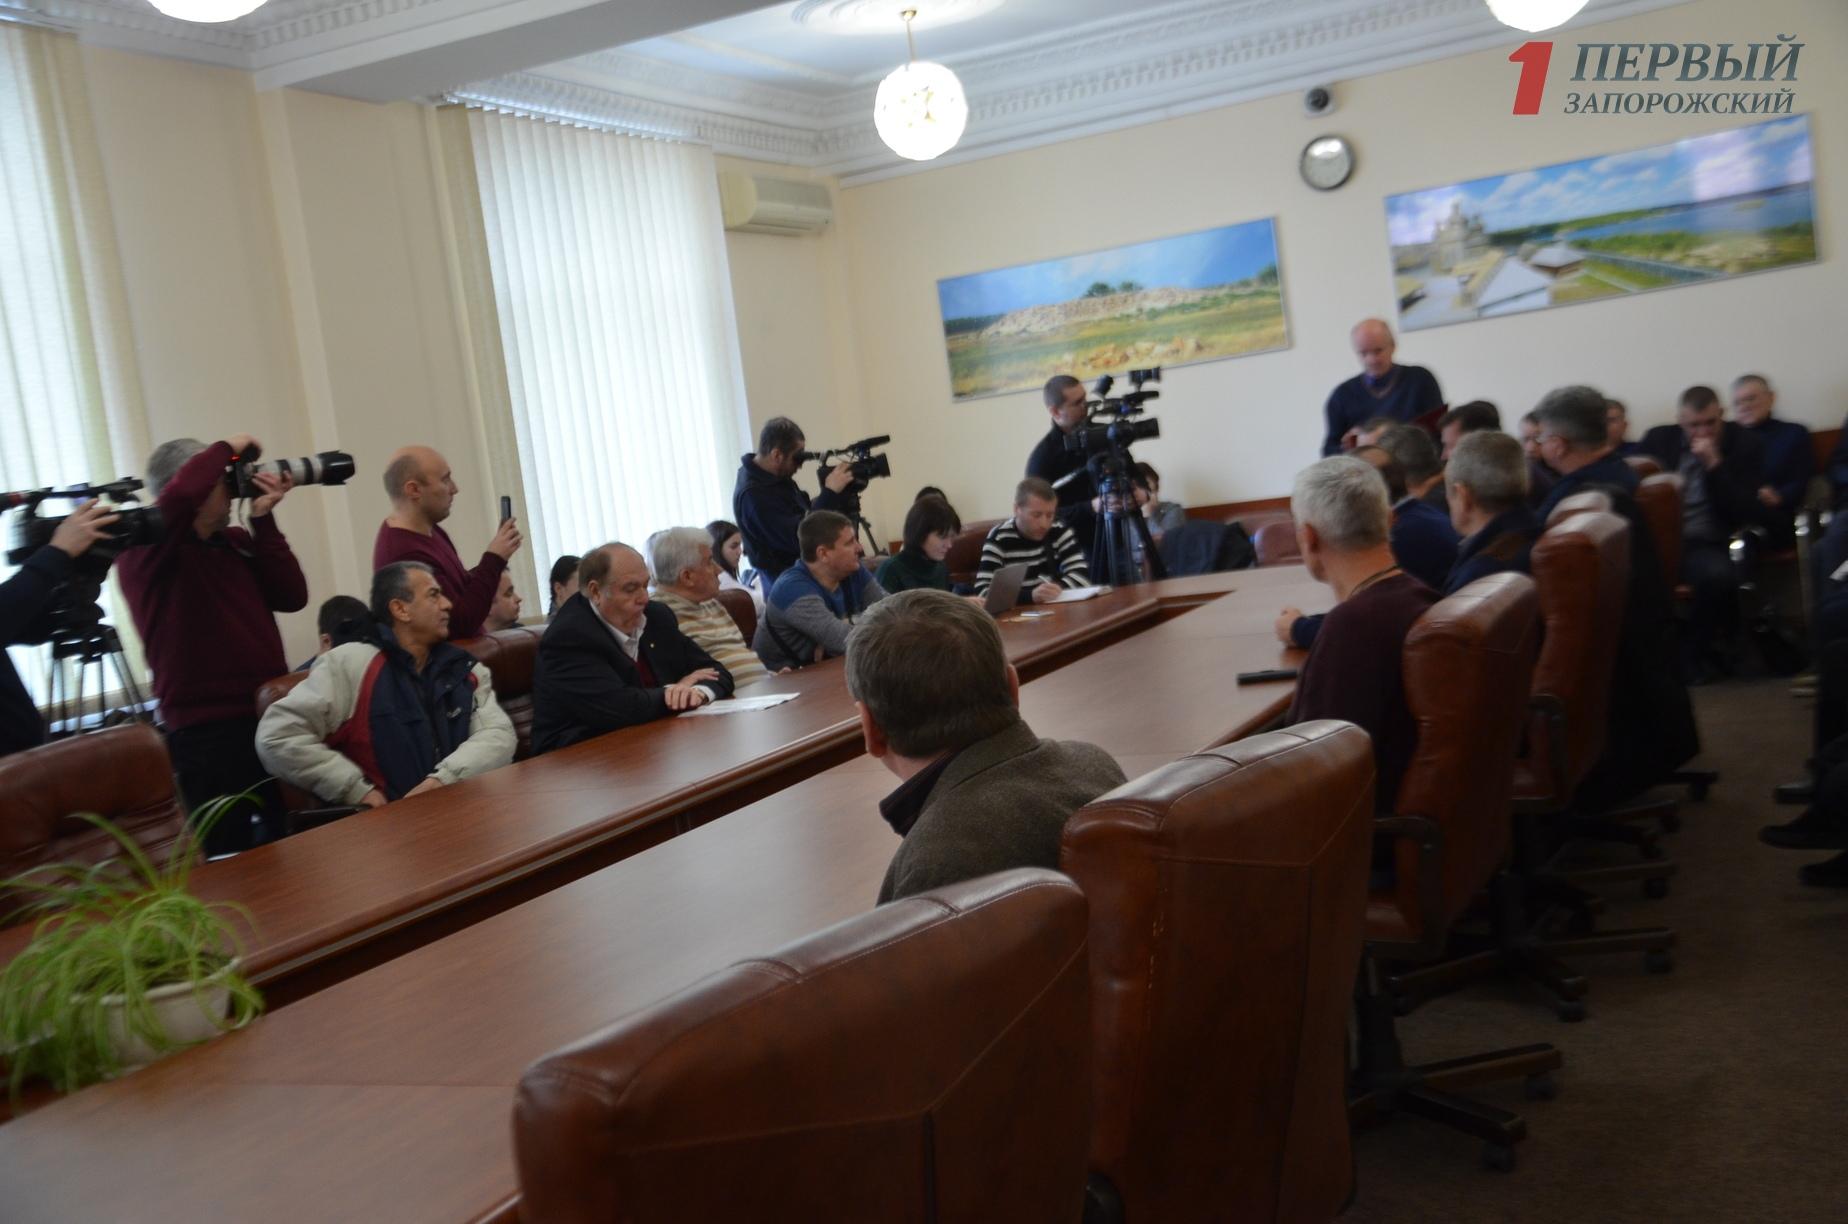 Запорожские перевозчики высказали несогласие с предложением городских властей снизить цену на проезд